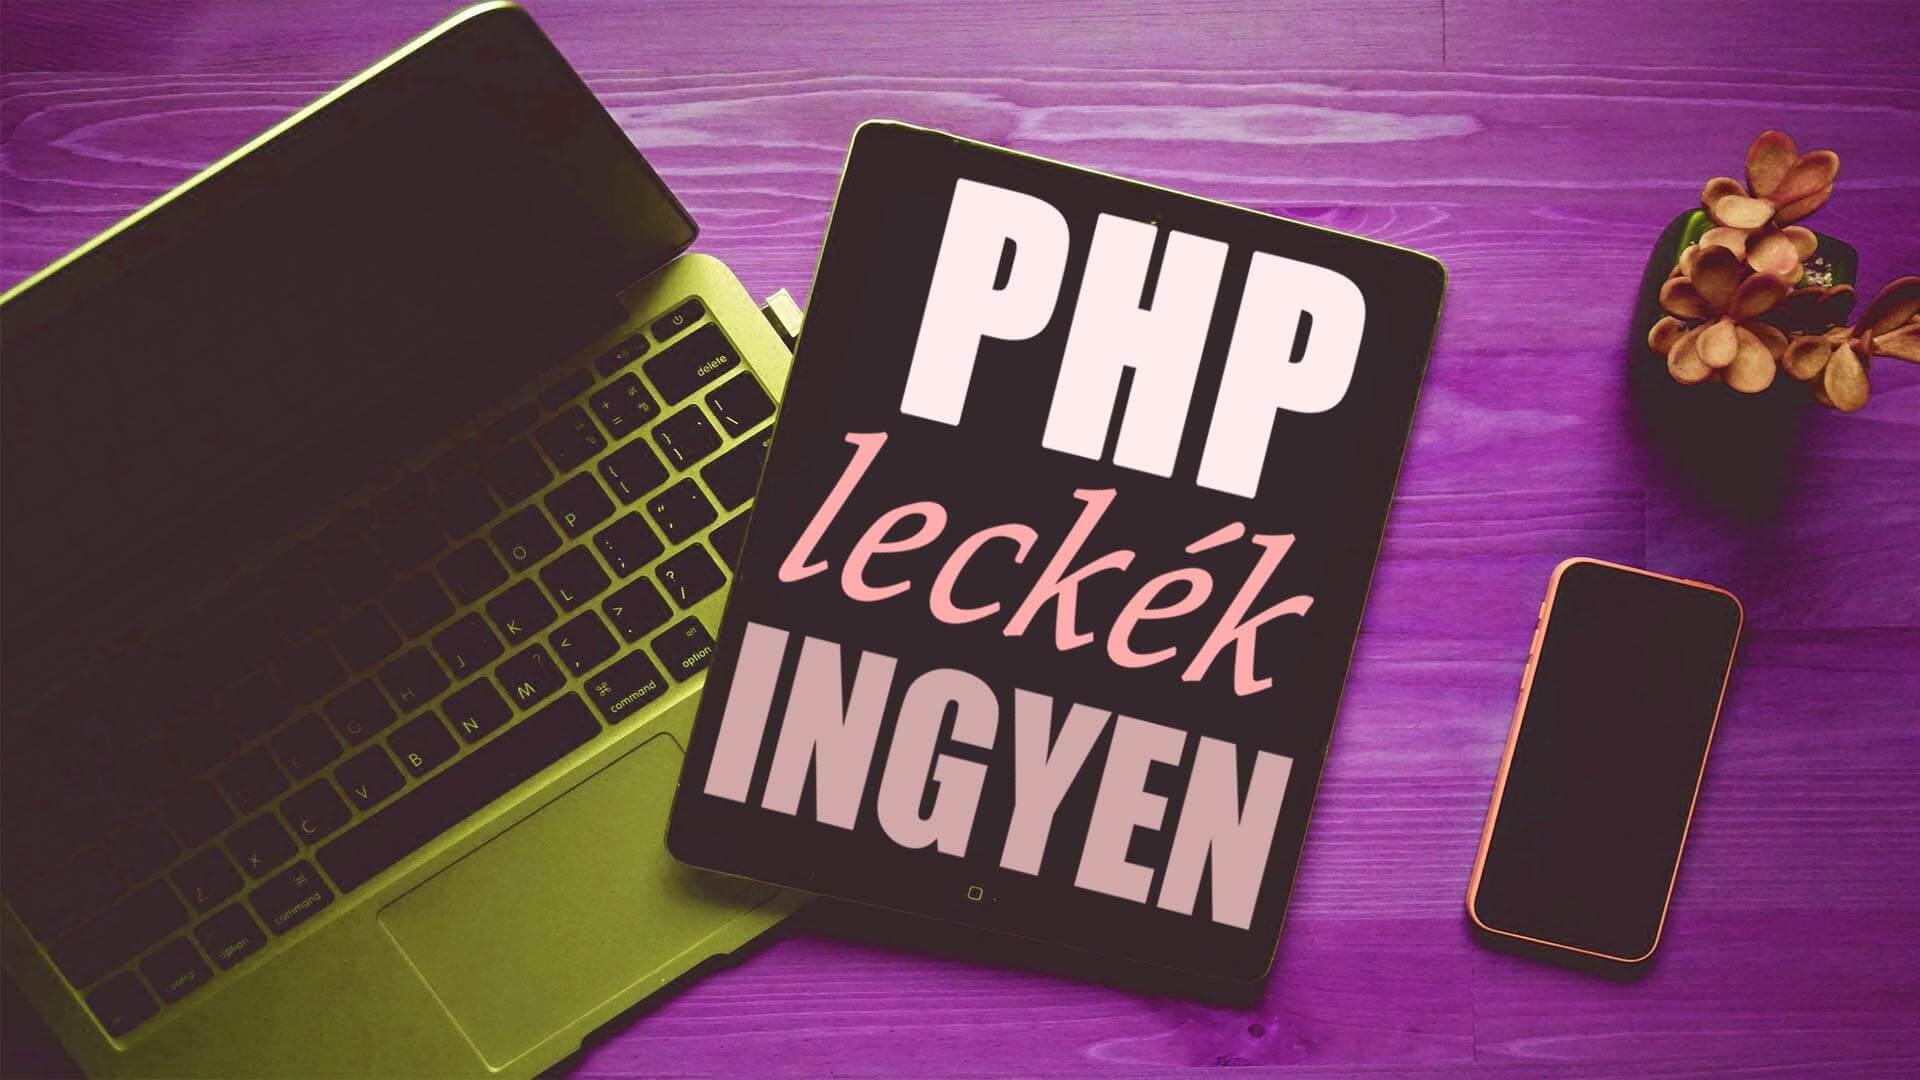 A PHP leckékhez készített kép, mely bemutatja, hogy weboldalunkon ingyenesen tanulható a PHP nyelv